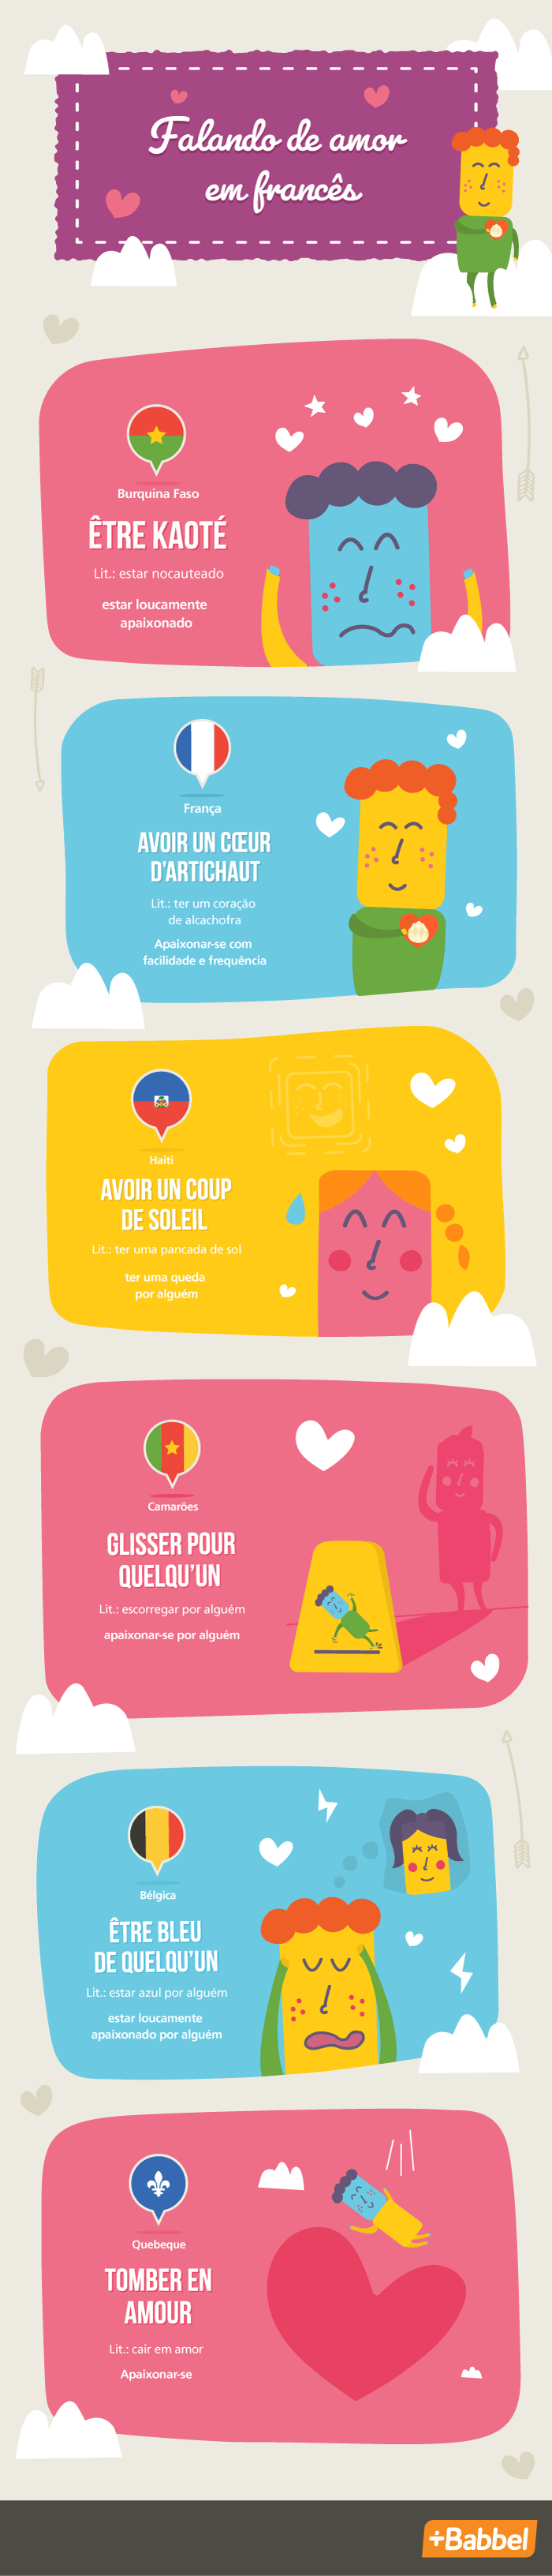 Palavras de amor em francês